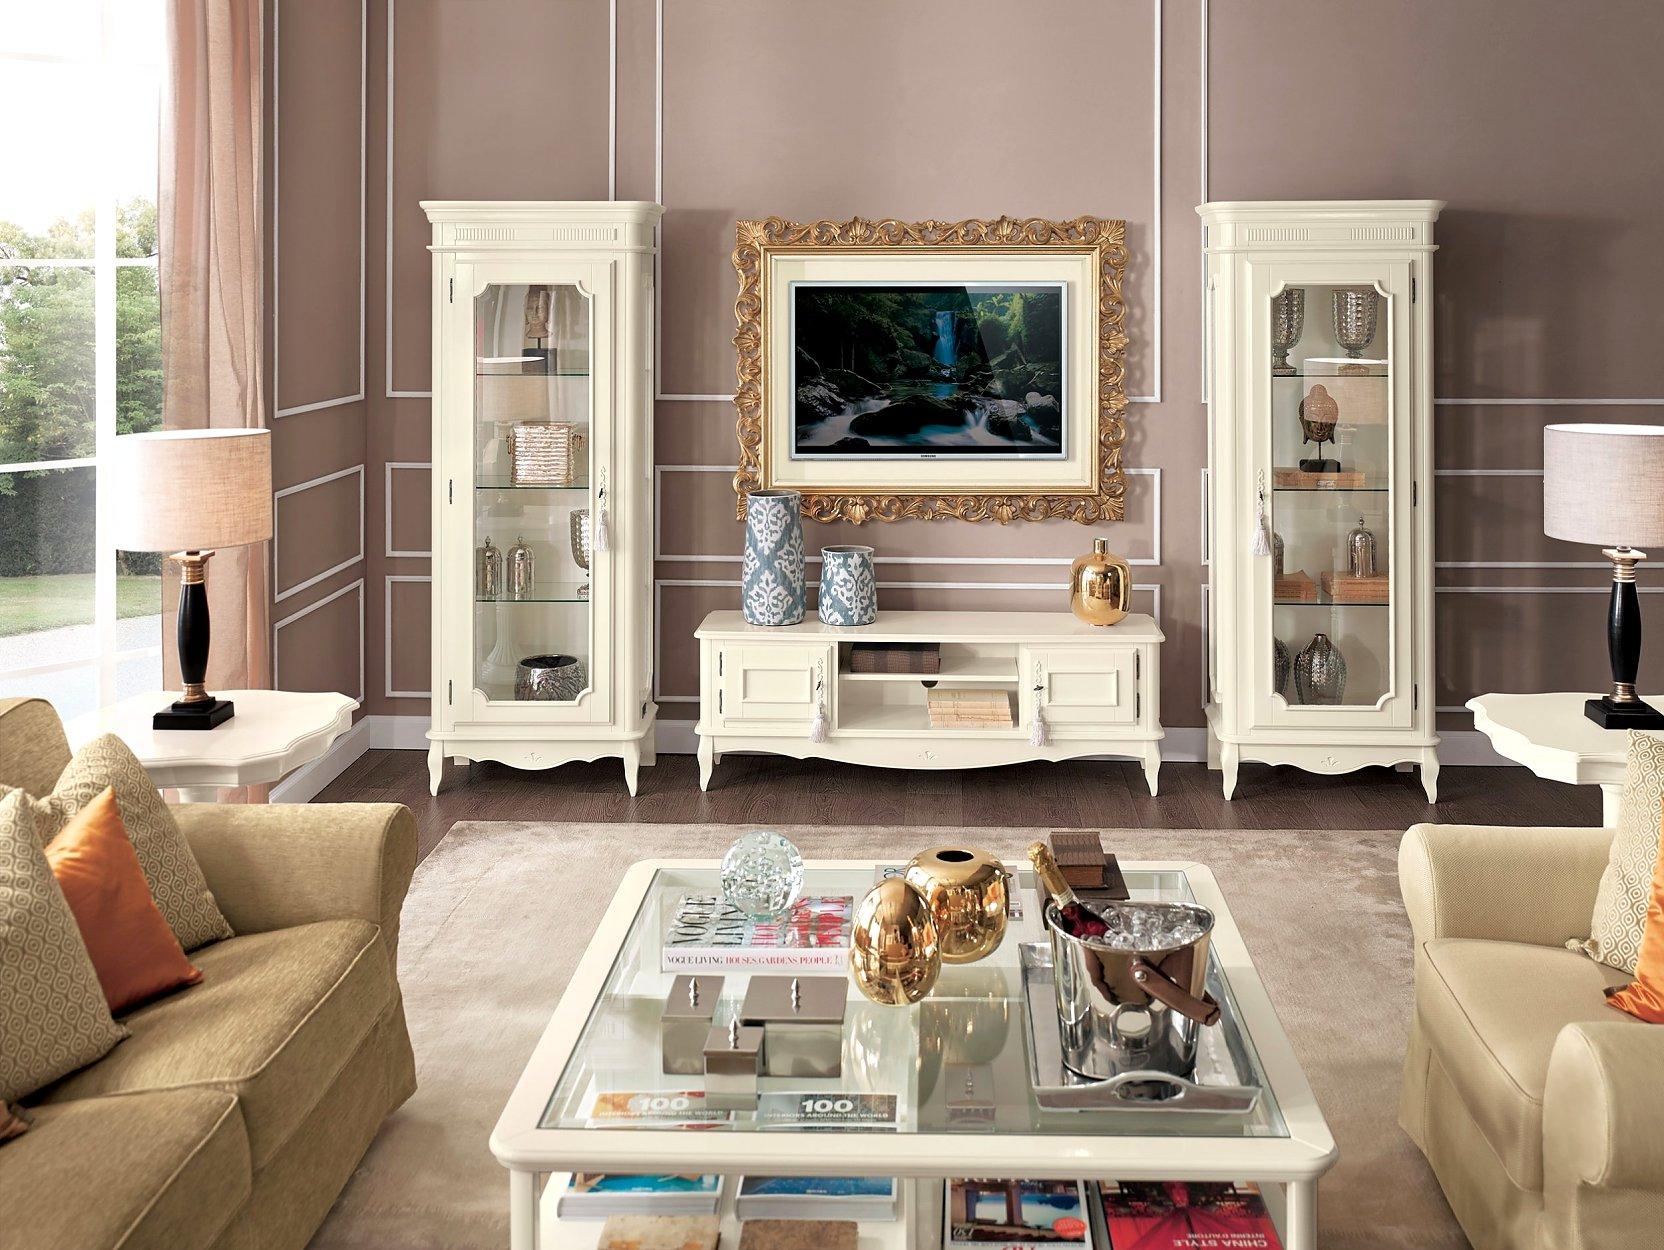 мебель франческа кавио